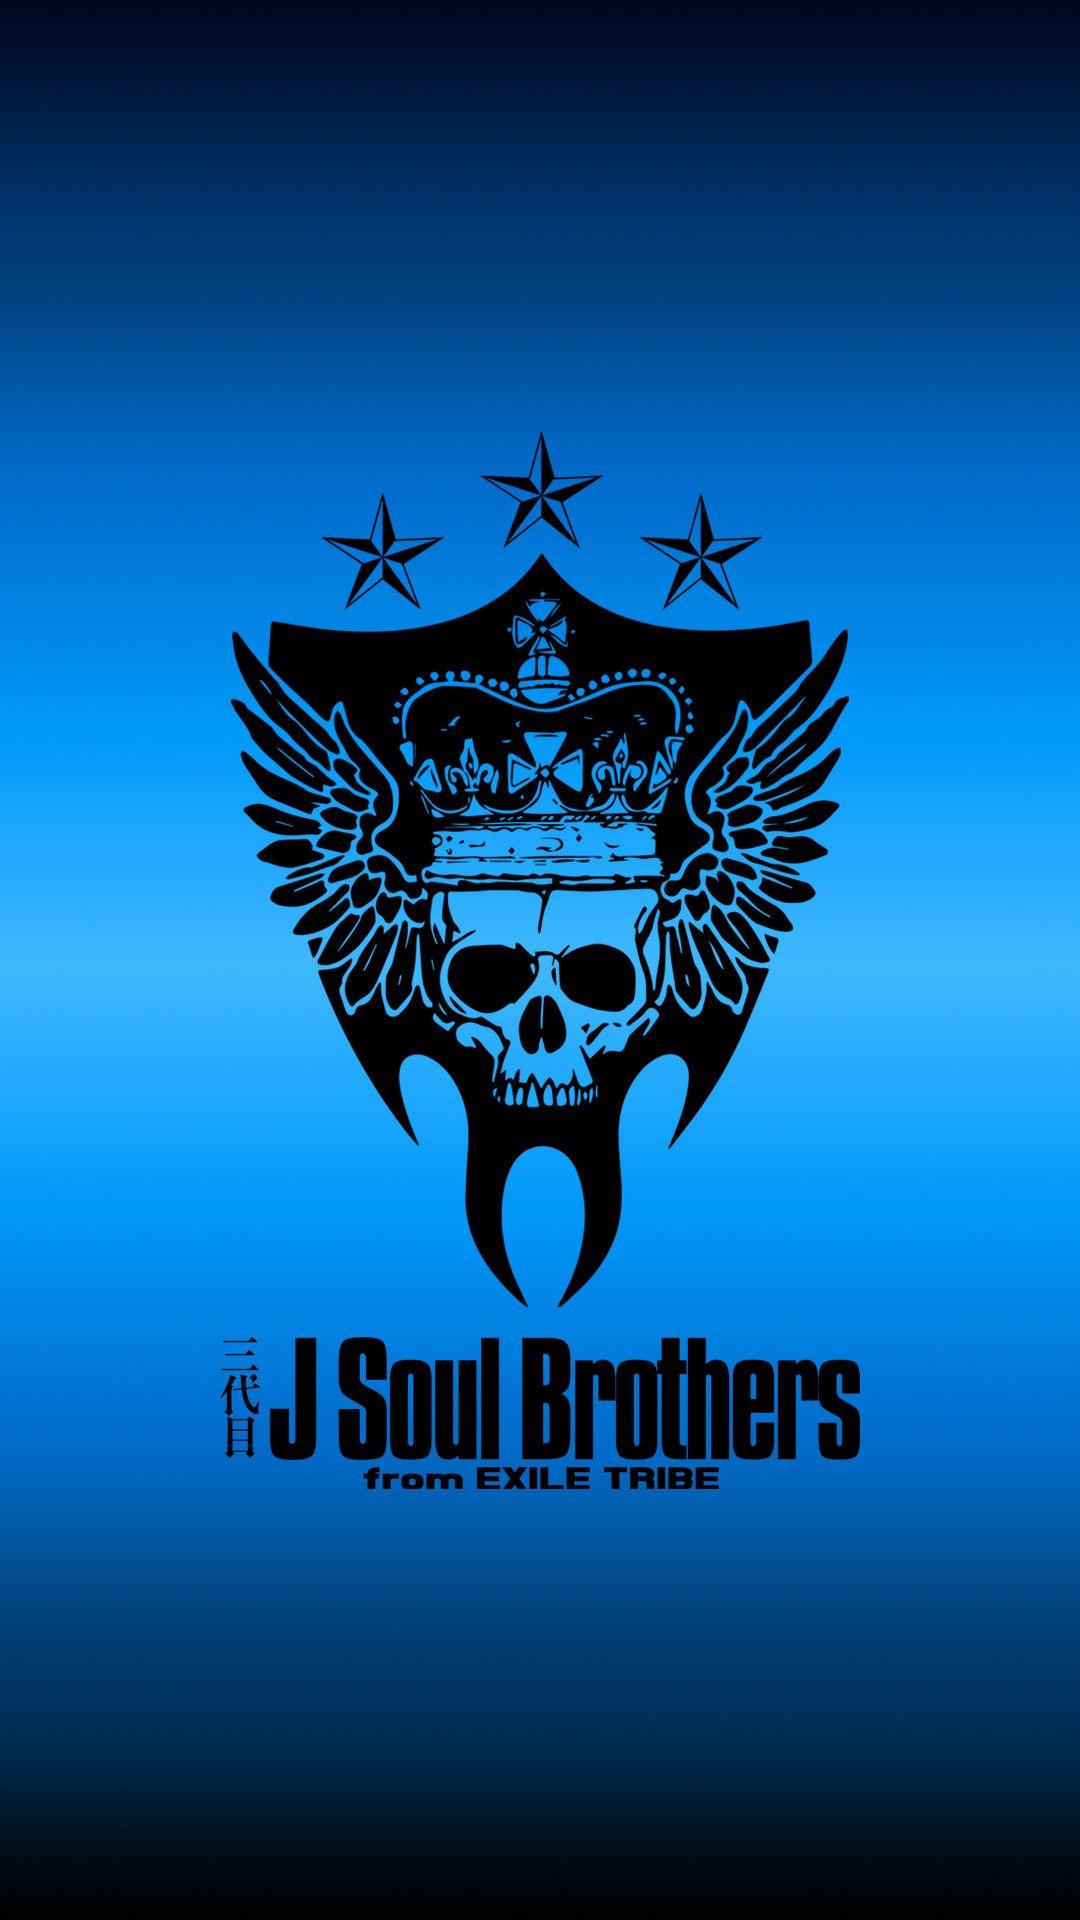 三代目 J Soul Brothersの高画質スマホ壁紙40枚 三代目j Soul Brothers スマホ壁紙 3代目j Soul Brothers